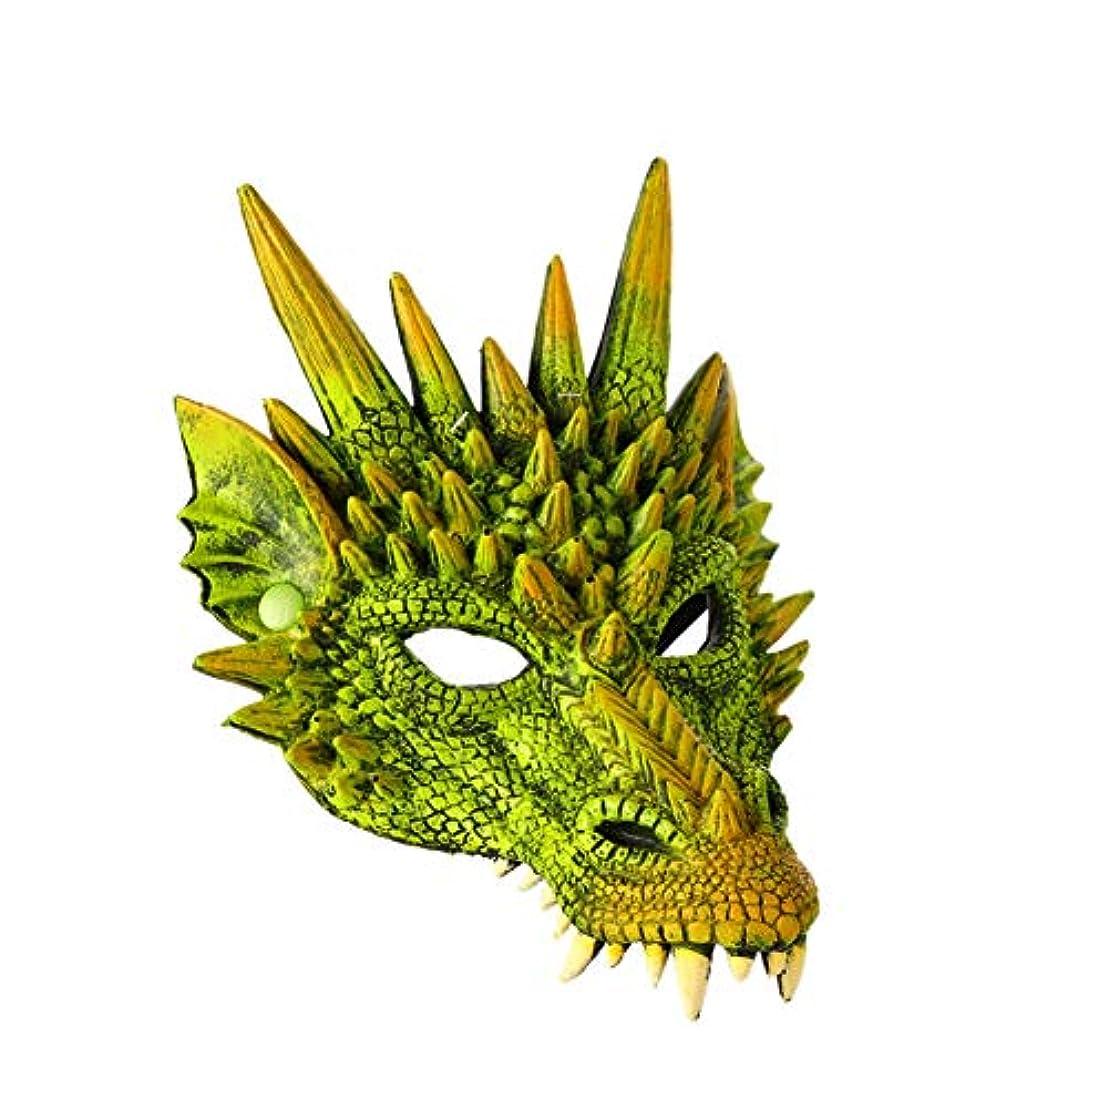 陪審磁器きゅうりEsolom 4Dドラゴンマスク ハーフマスク 10代の子供のためのハロウィンコスチューム パーティーの装飾 テーマパーティー用品 ドラゴンコスプレ小道具